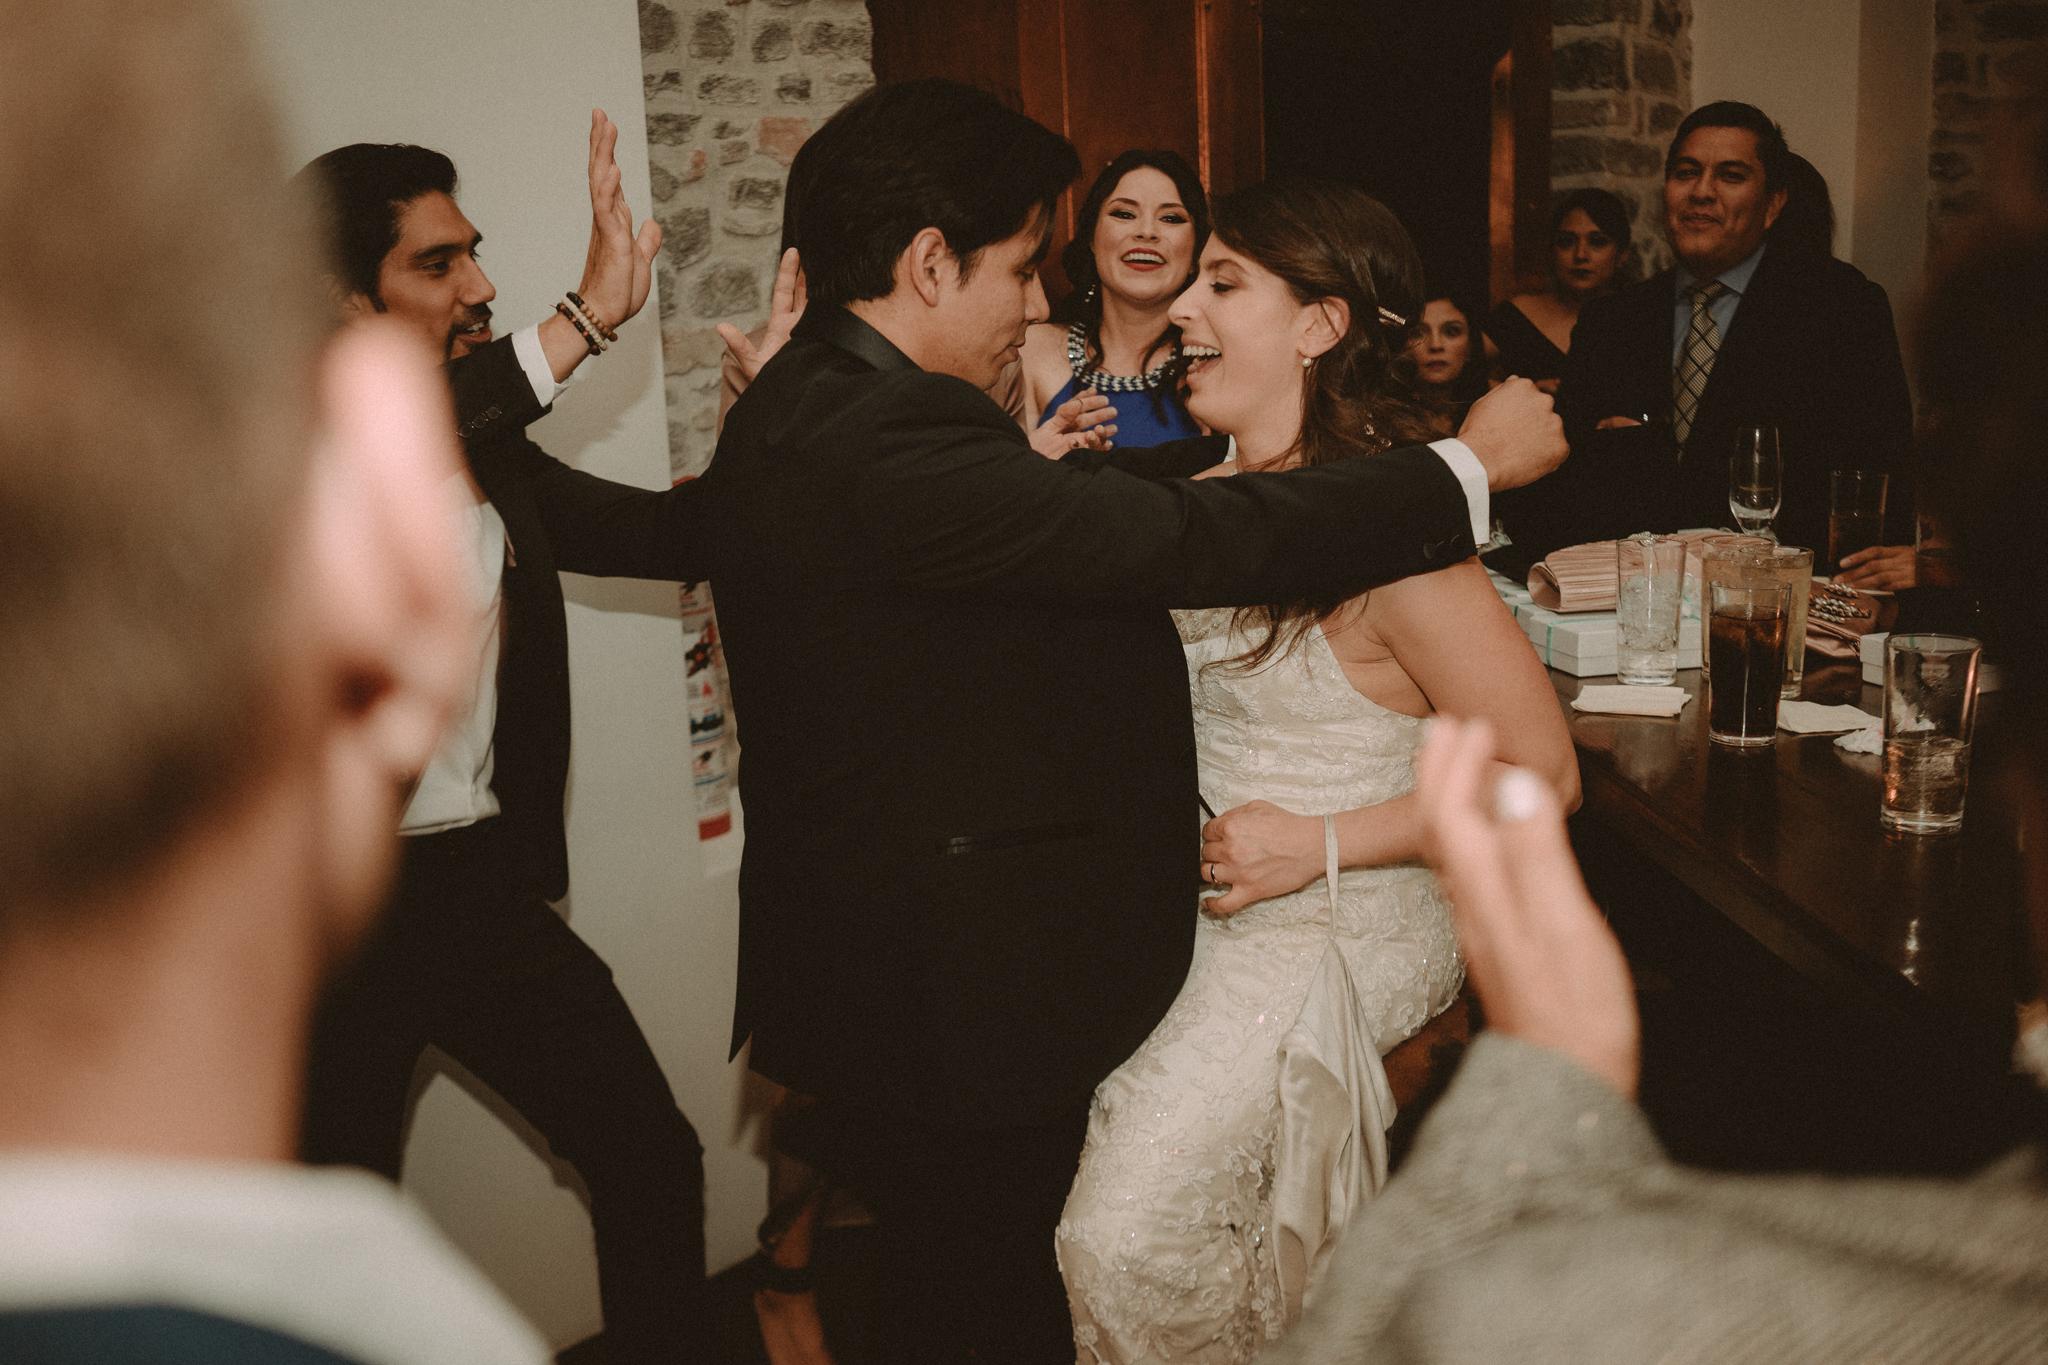 Recepción de boda en Los Lavaderos en el Hotel Rosewood.